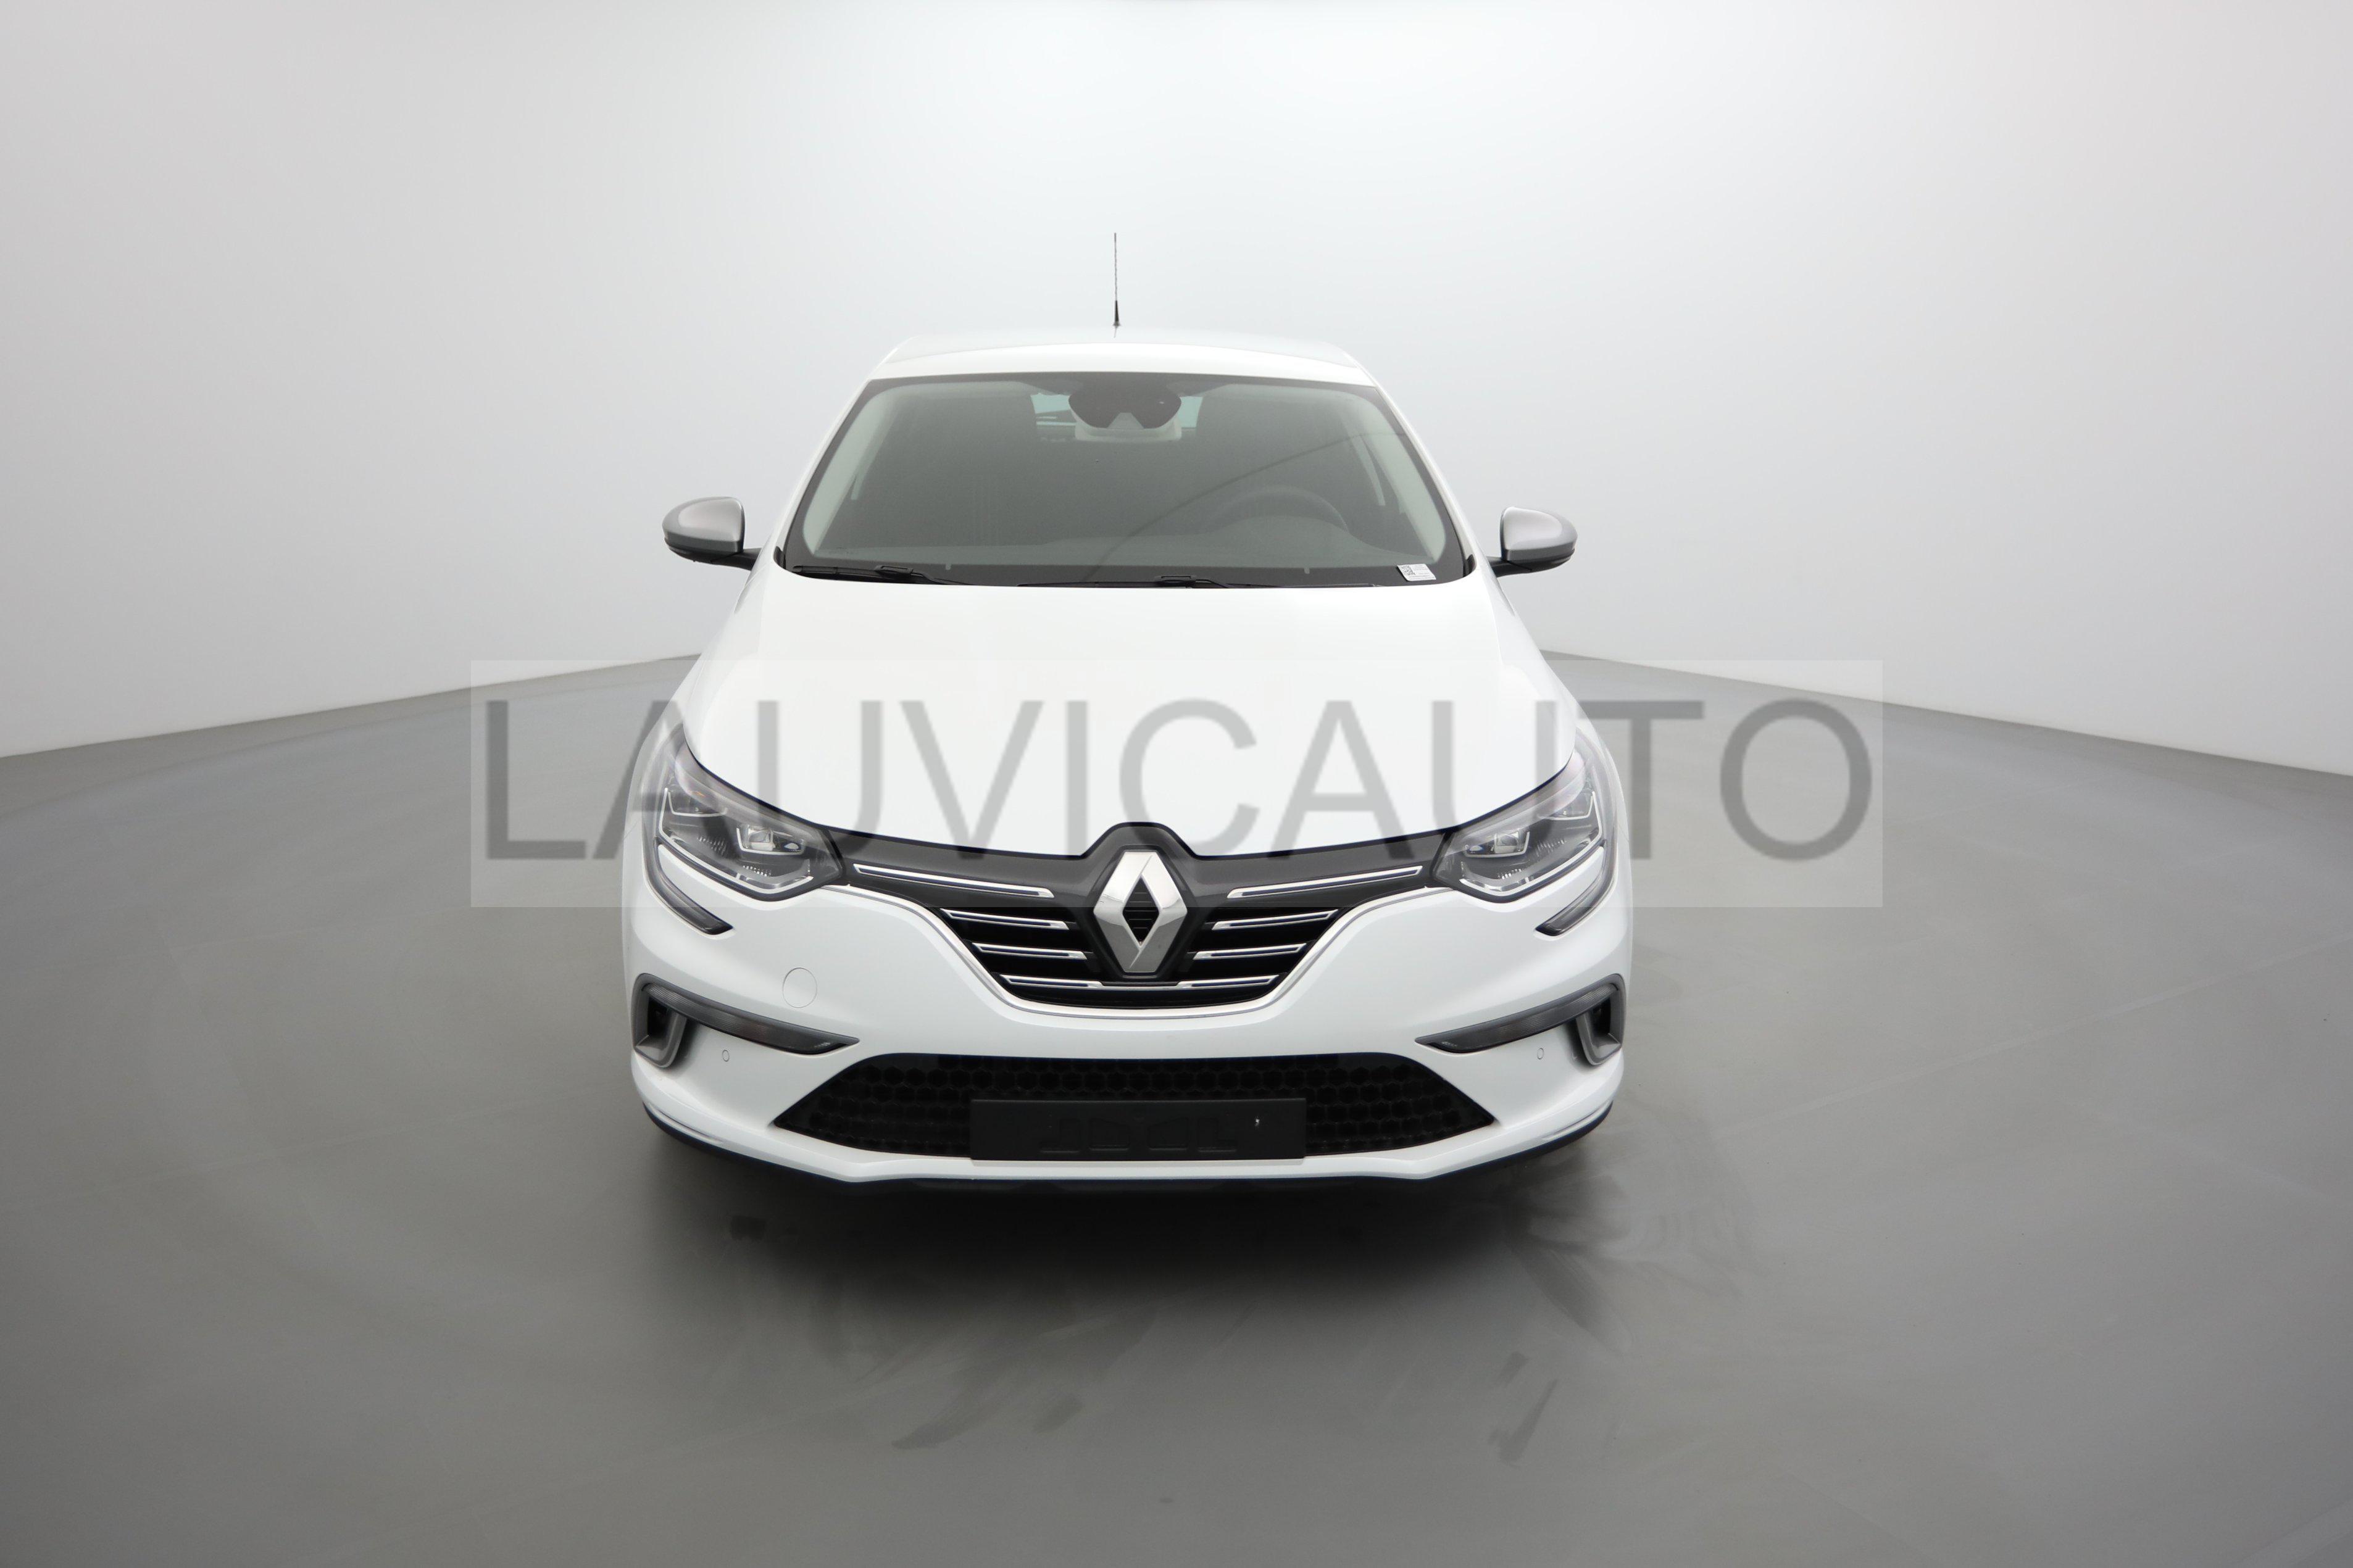 Roussillon Berline Canet Lauvicauto En 11902288 Iv Megane Renault T53ucJlFK1